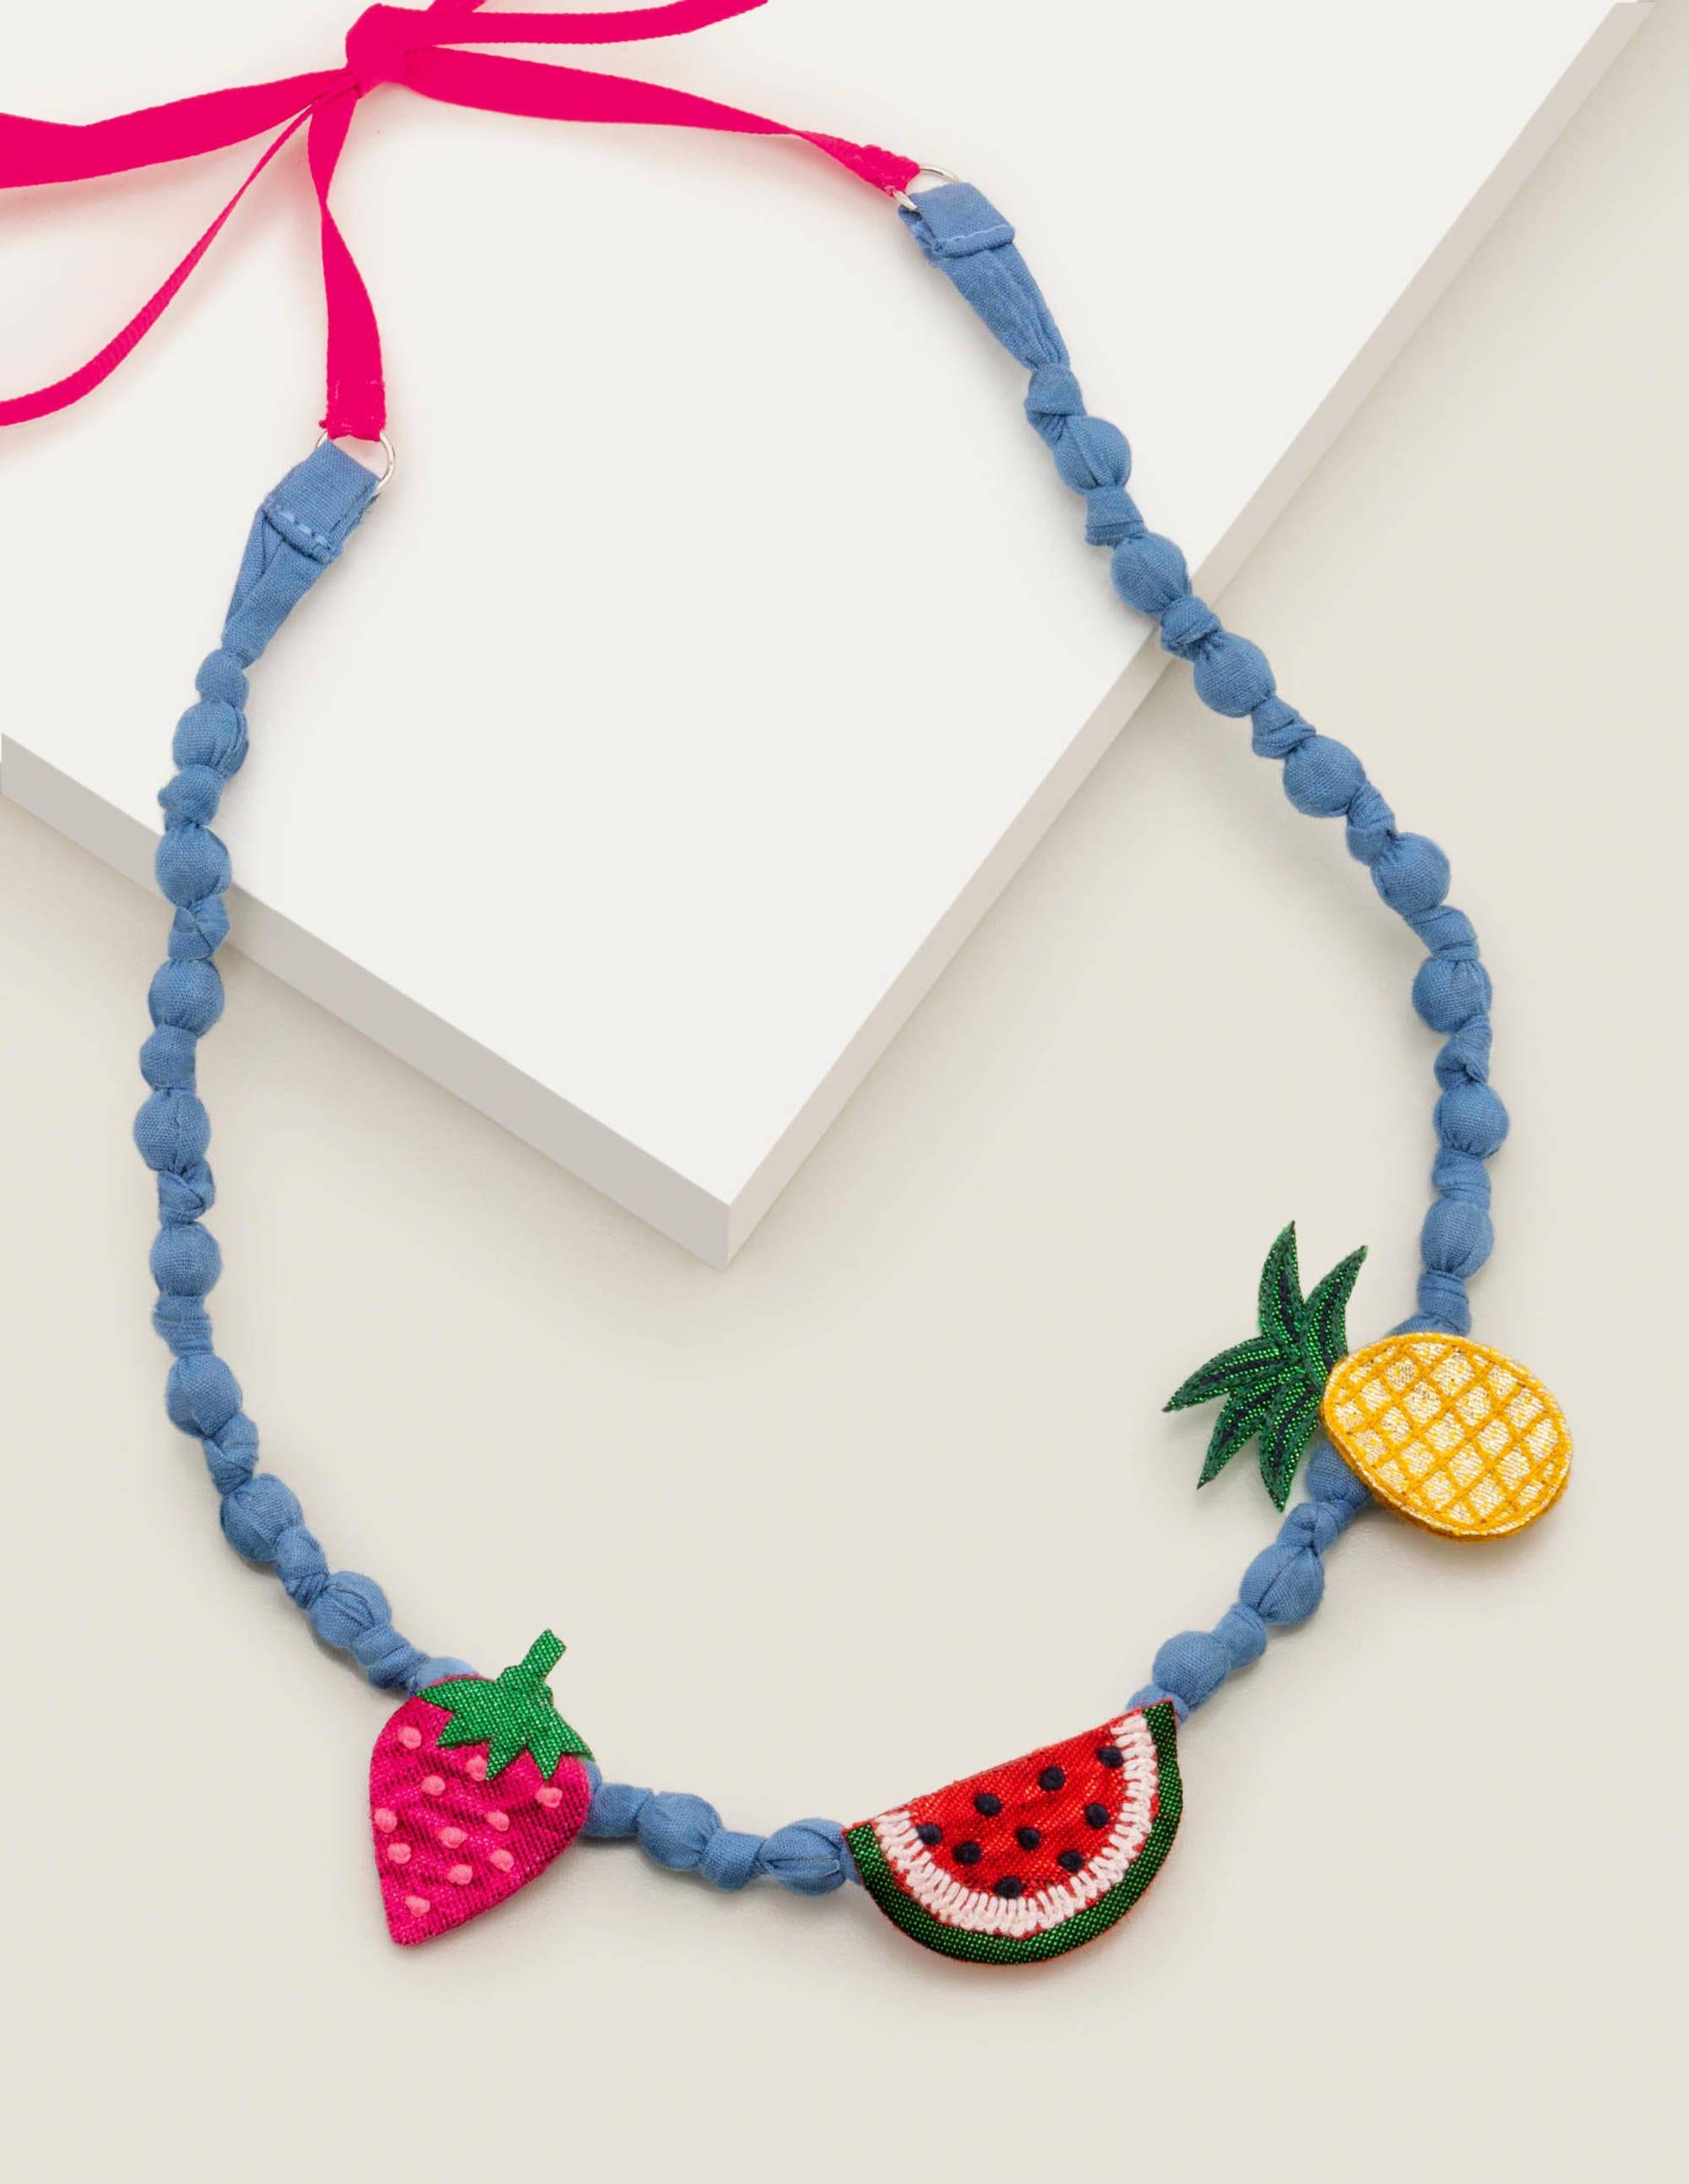 Fabric Necklace Multi Fruit Boden Eu